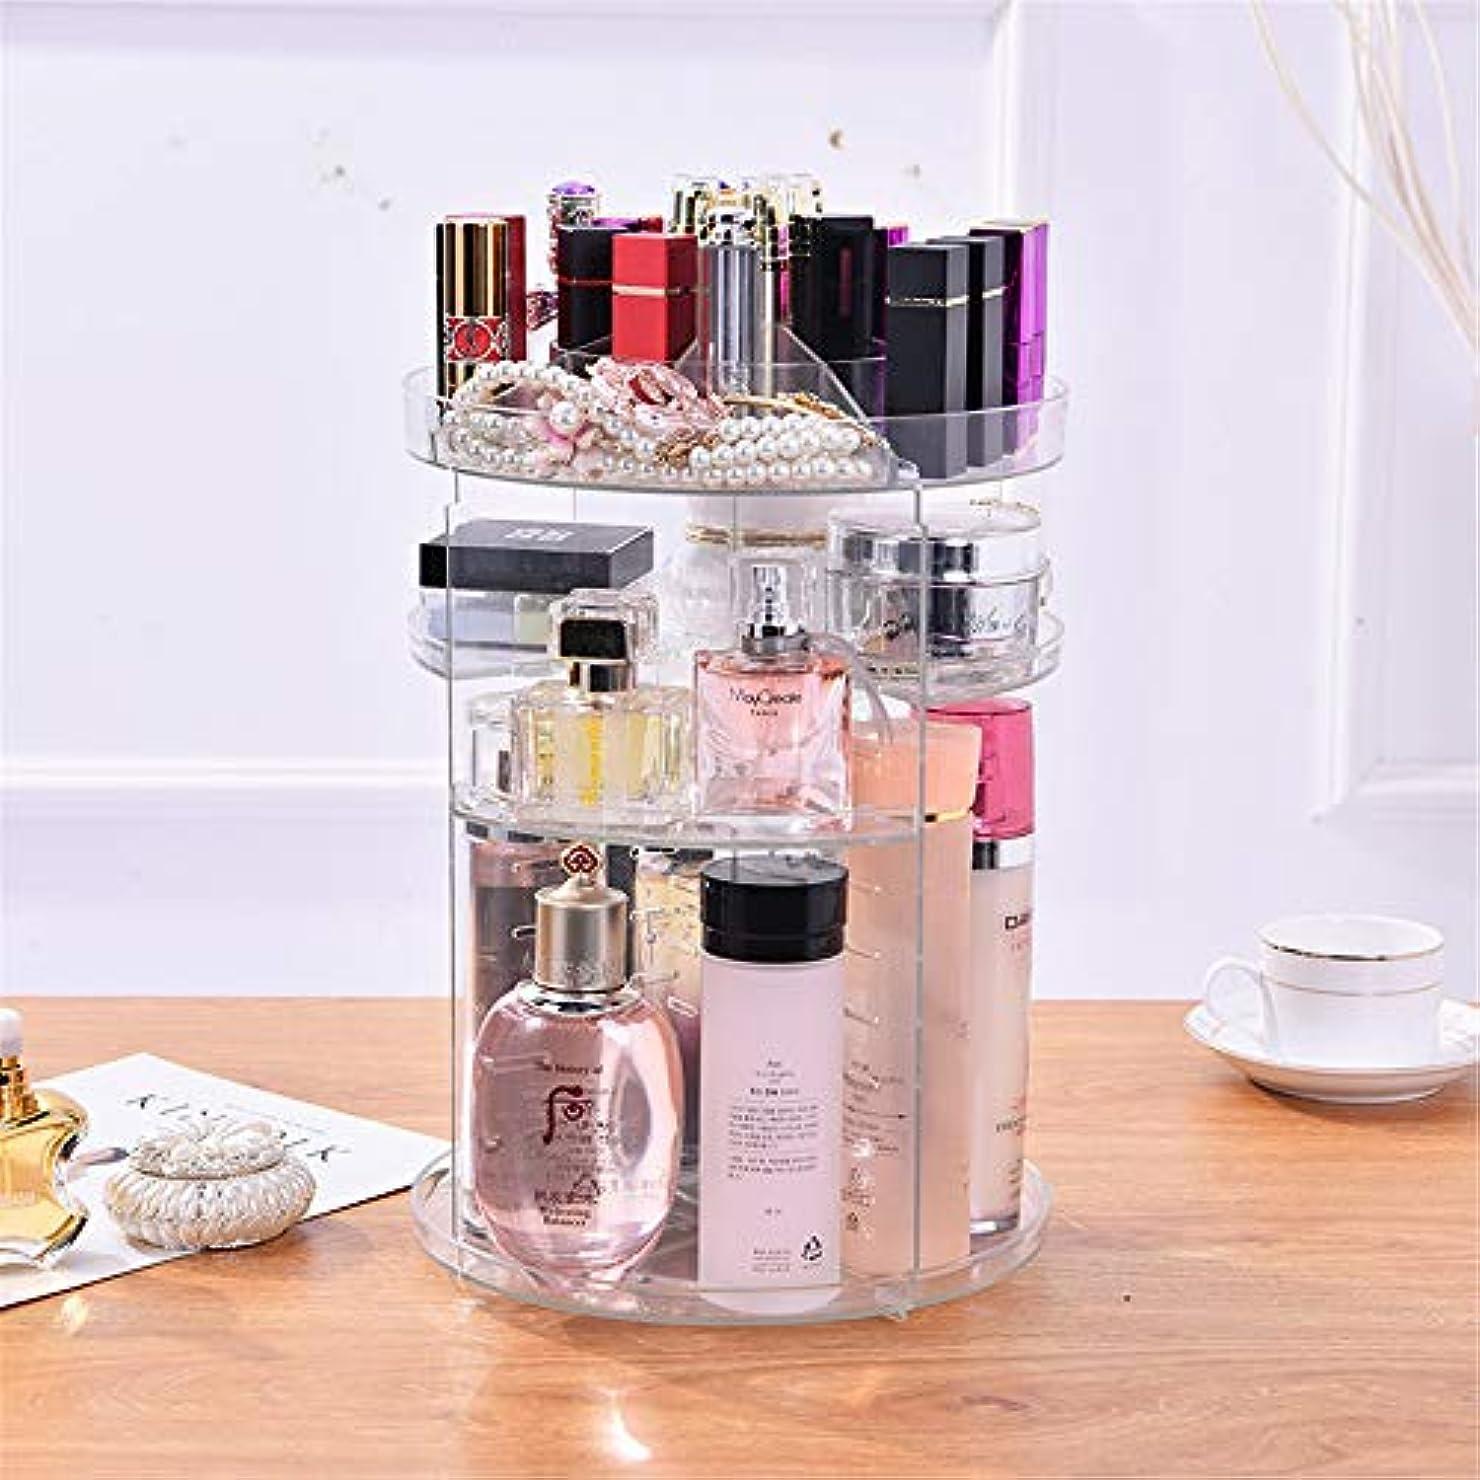 等しい暗い代数winkong 化粧品収納ボックス 大容量 360度回転 透明 調節可能 メイク収納ケース 化粧品収納ラック 女の子のギフト